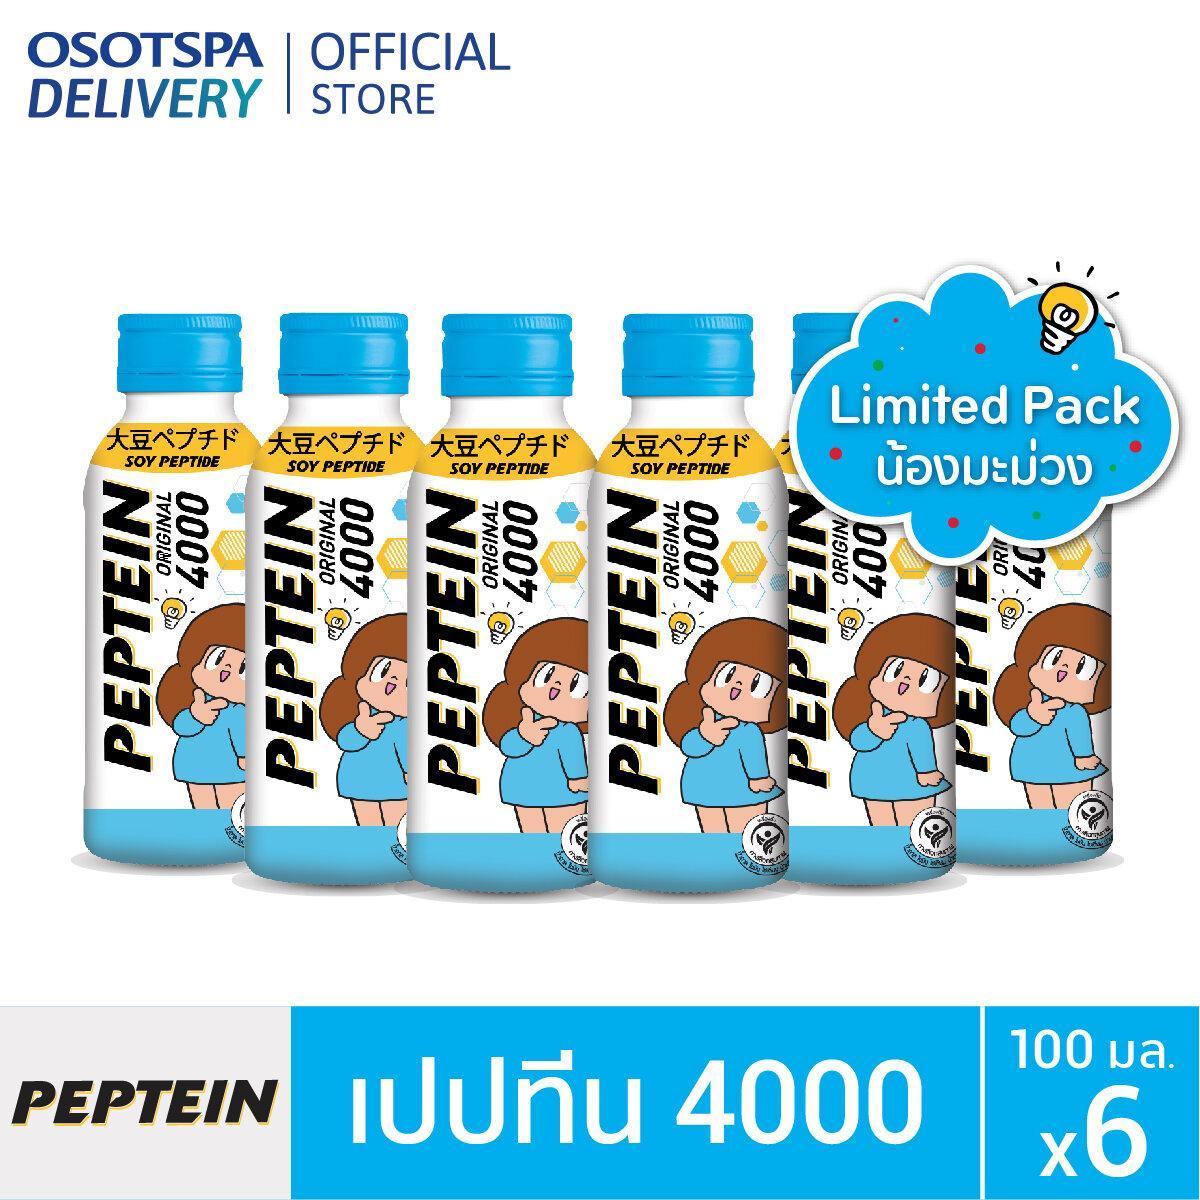 Peptein Limited Pack น้องมะม่วง เปปทีน 4000 ขนาด 100 มล. (แพ็ค 6)